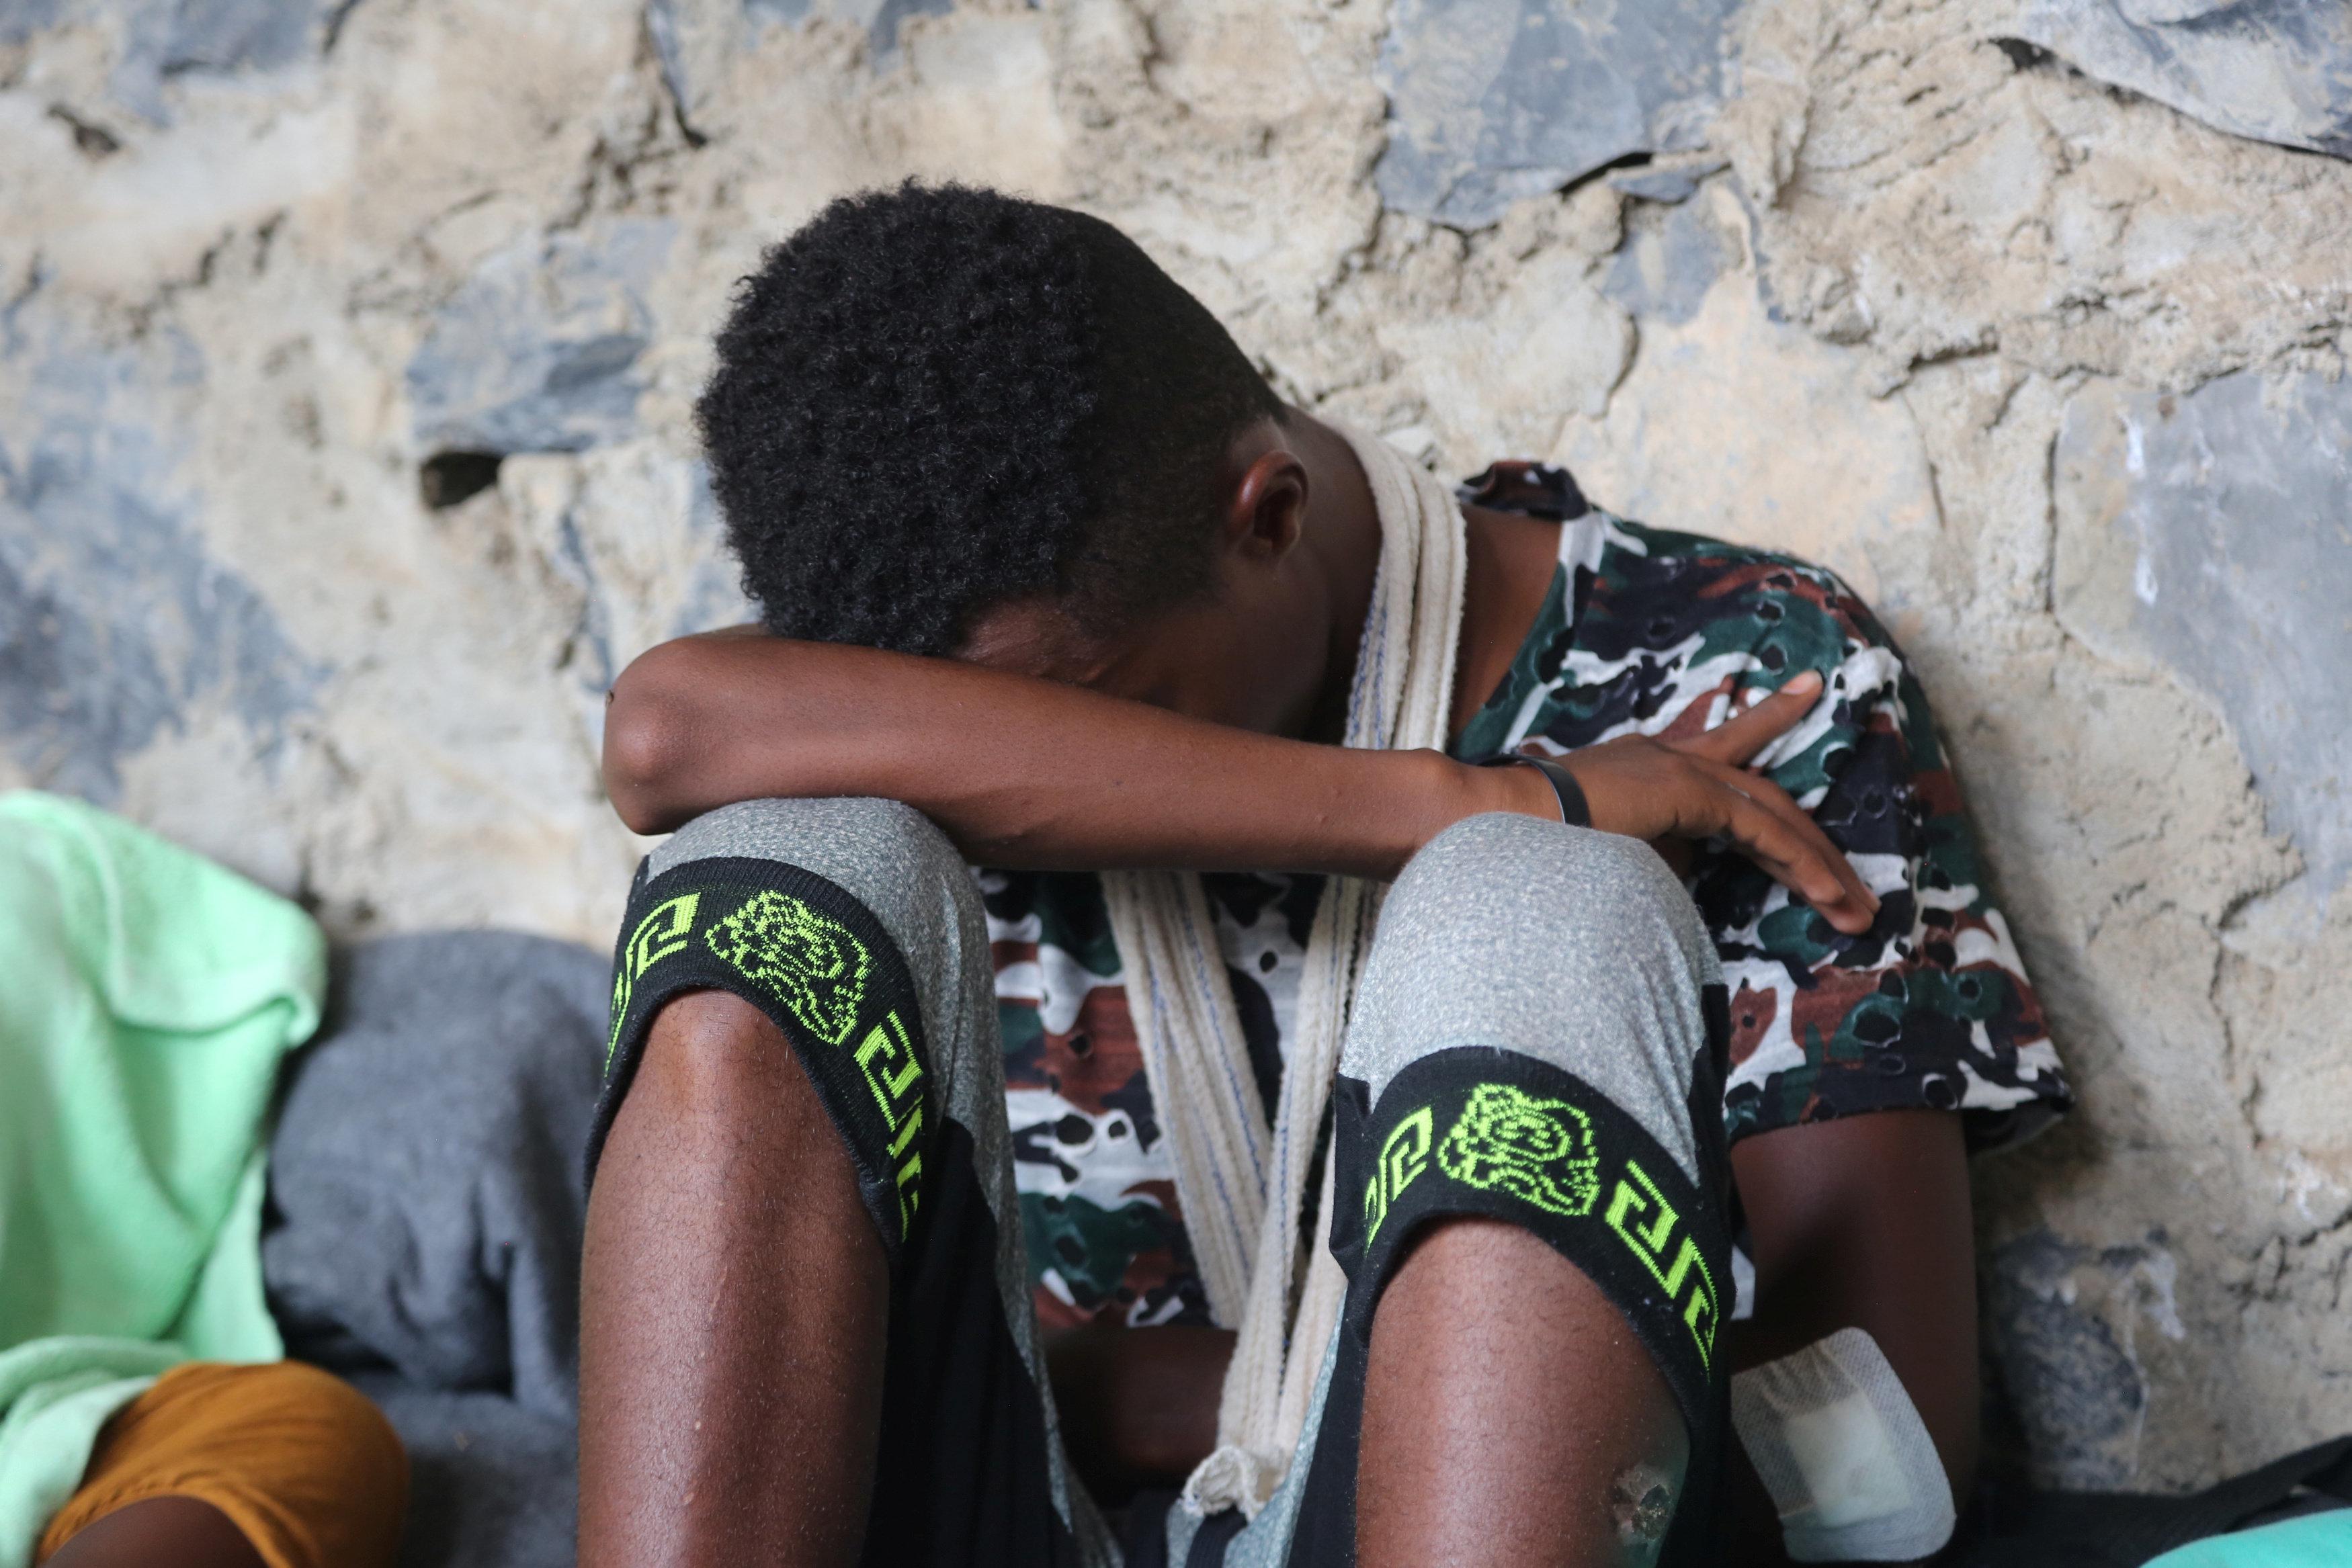 Για βασανισμούς, βιασμούς και εκτελέσεις προσφύγων κατηγορούν τις αρχές στην Υεμένης το Παρατηρητήριο Ανθρωπίνων Δικαιωμάτων...